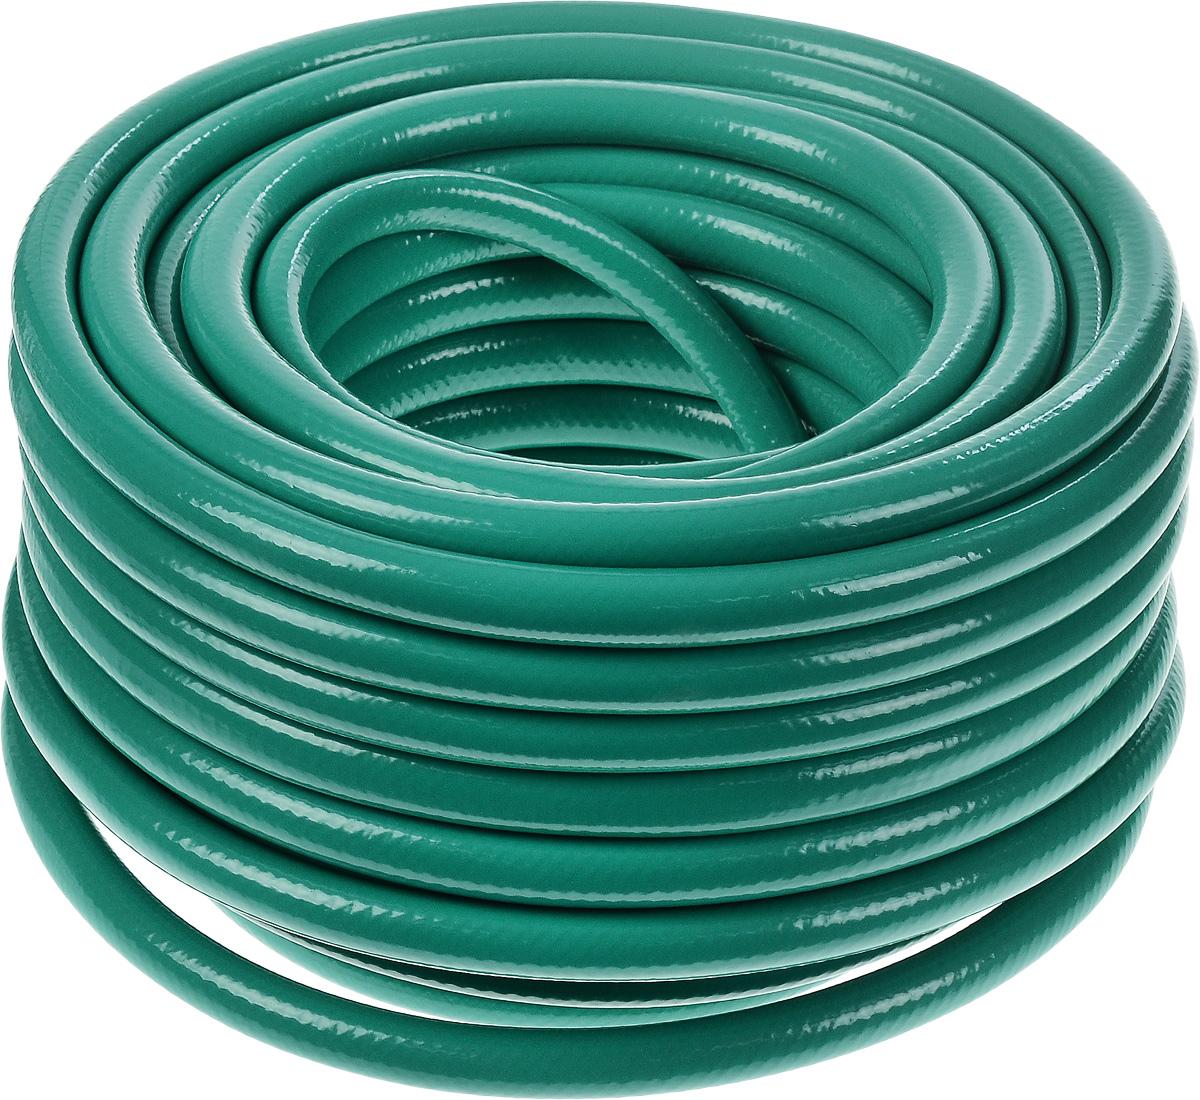 Шланг Fitt Agrifort, пятислойный, диаметр 1,25 см, длина 25 м3747668_зеленыйПятислойный армированный шланг Fitt Agrifort предназначен для сельскохозяйственных и строительных работ. Внешний слой изготовлен из непрозрачного ПВХ, который препятствует образованию микроорганизмов и плесени внутри шланга, и отличается стойкостью к УФ-лучам. Длина шланга: 25 м. Внутренний диаметр шланга: 12,5 мм. Толщина стенки шланга: 2 мм. Максимальное рабочее давление: 12 бар. Срок службы:12 лет.